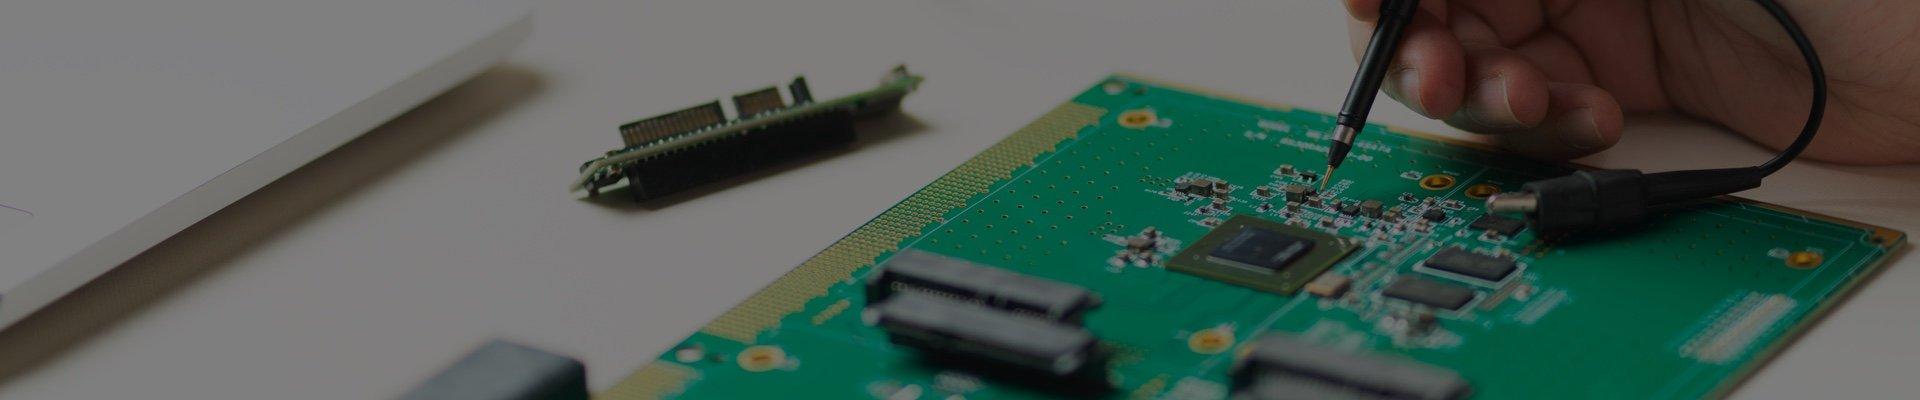 DiskMFR PCBA image